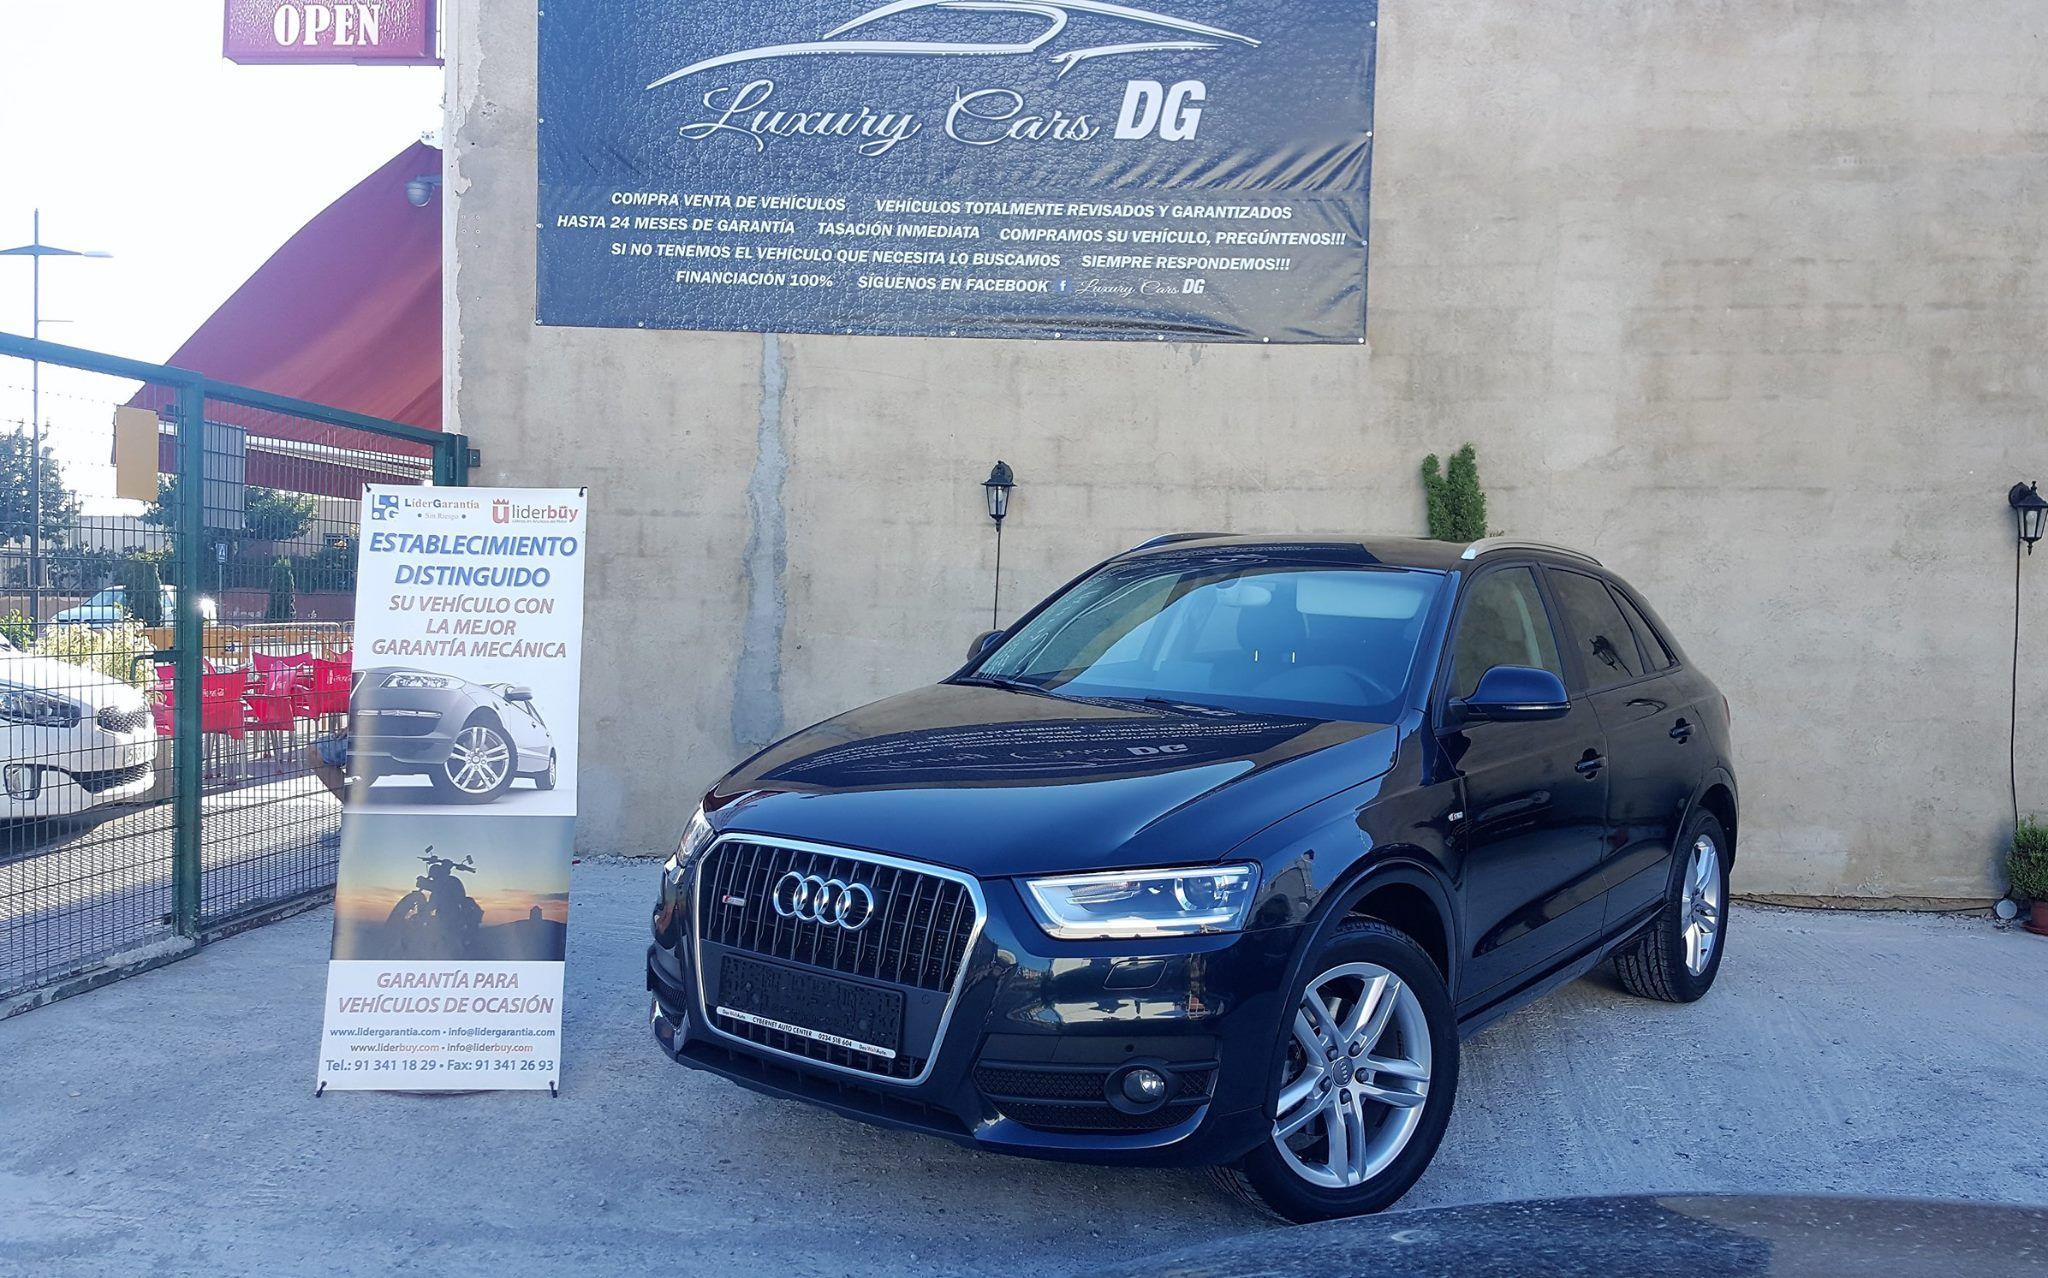 Foto 38 de Compraventa de automóviles en Vera | Luxury Cars DG